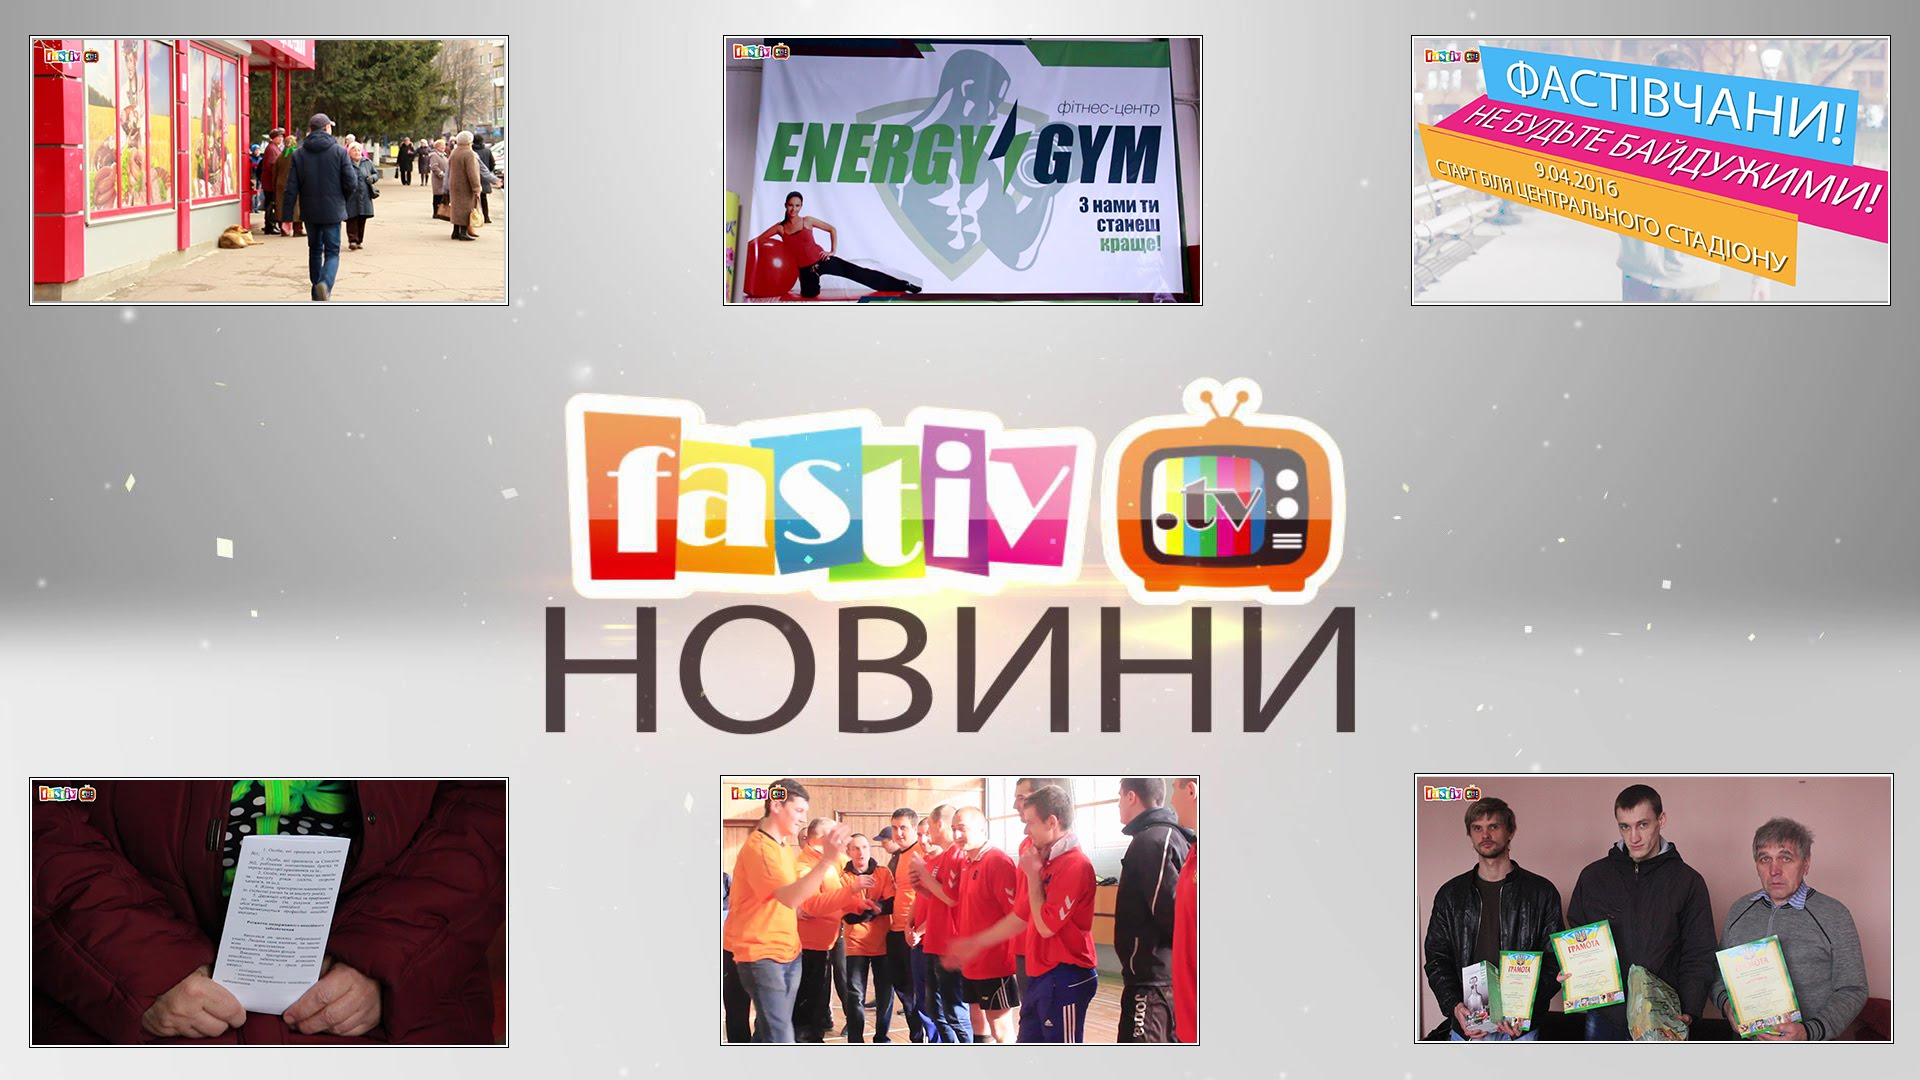 Тижневі підсумки новин від FASTIV.TV 27.03.2016